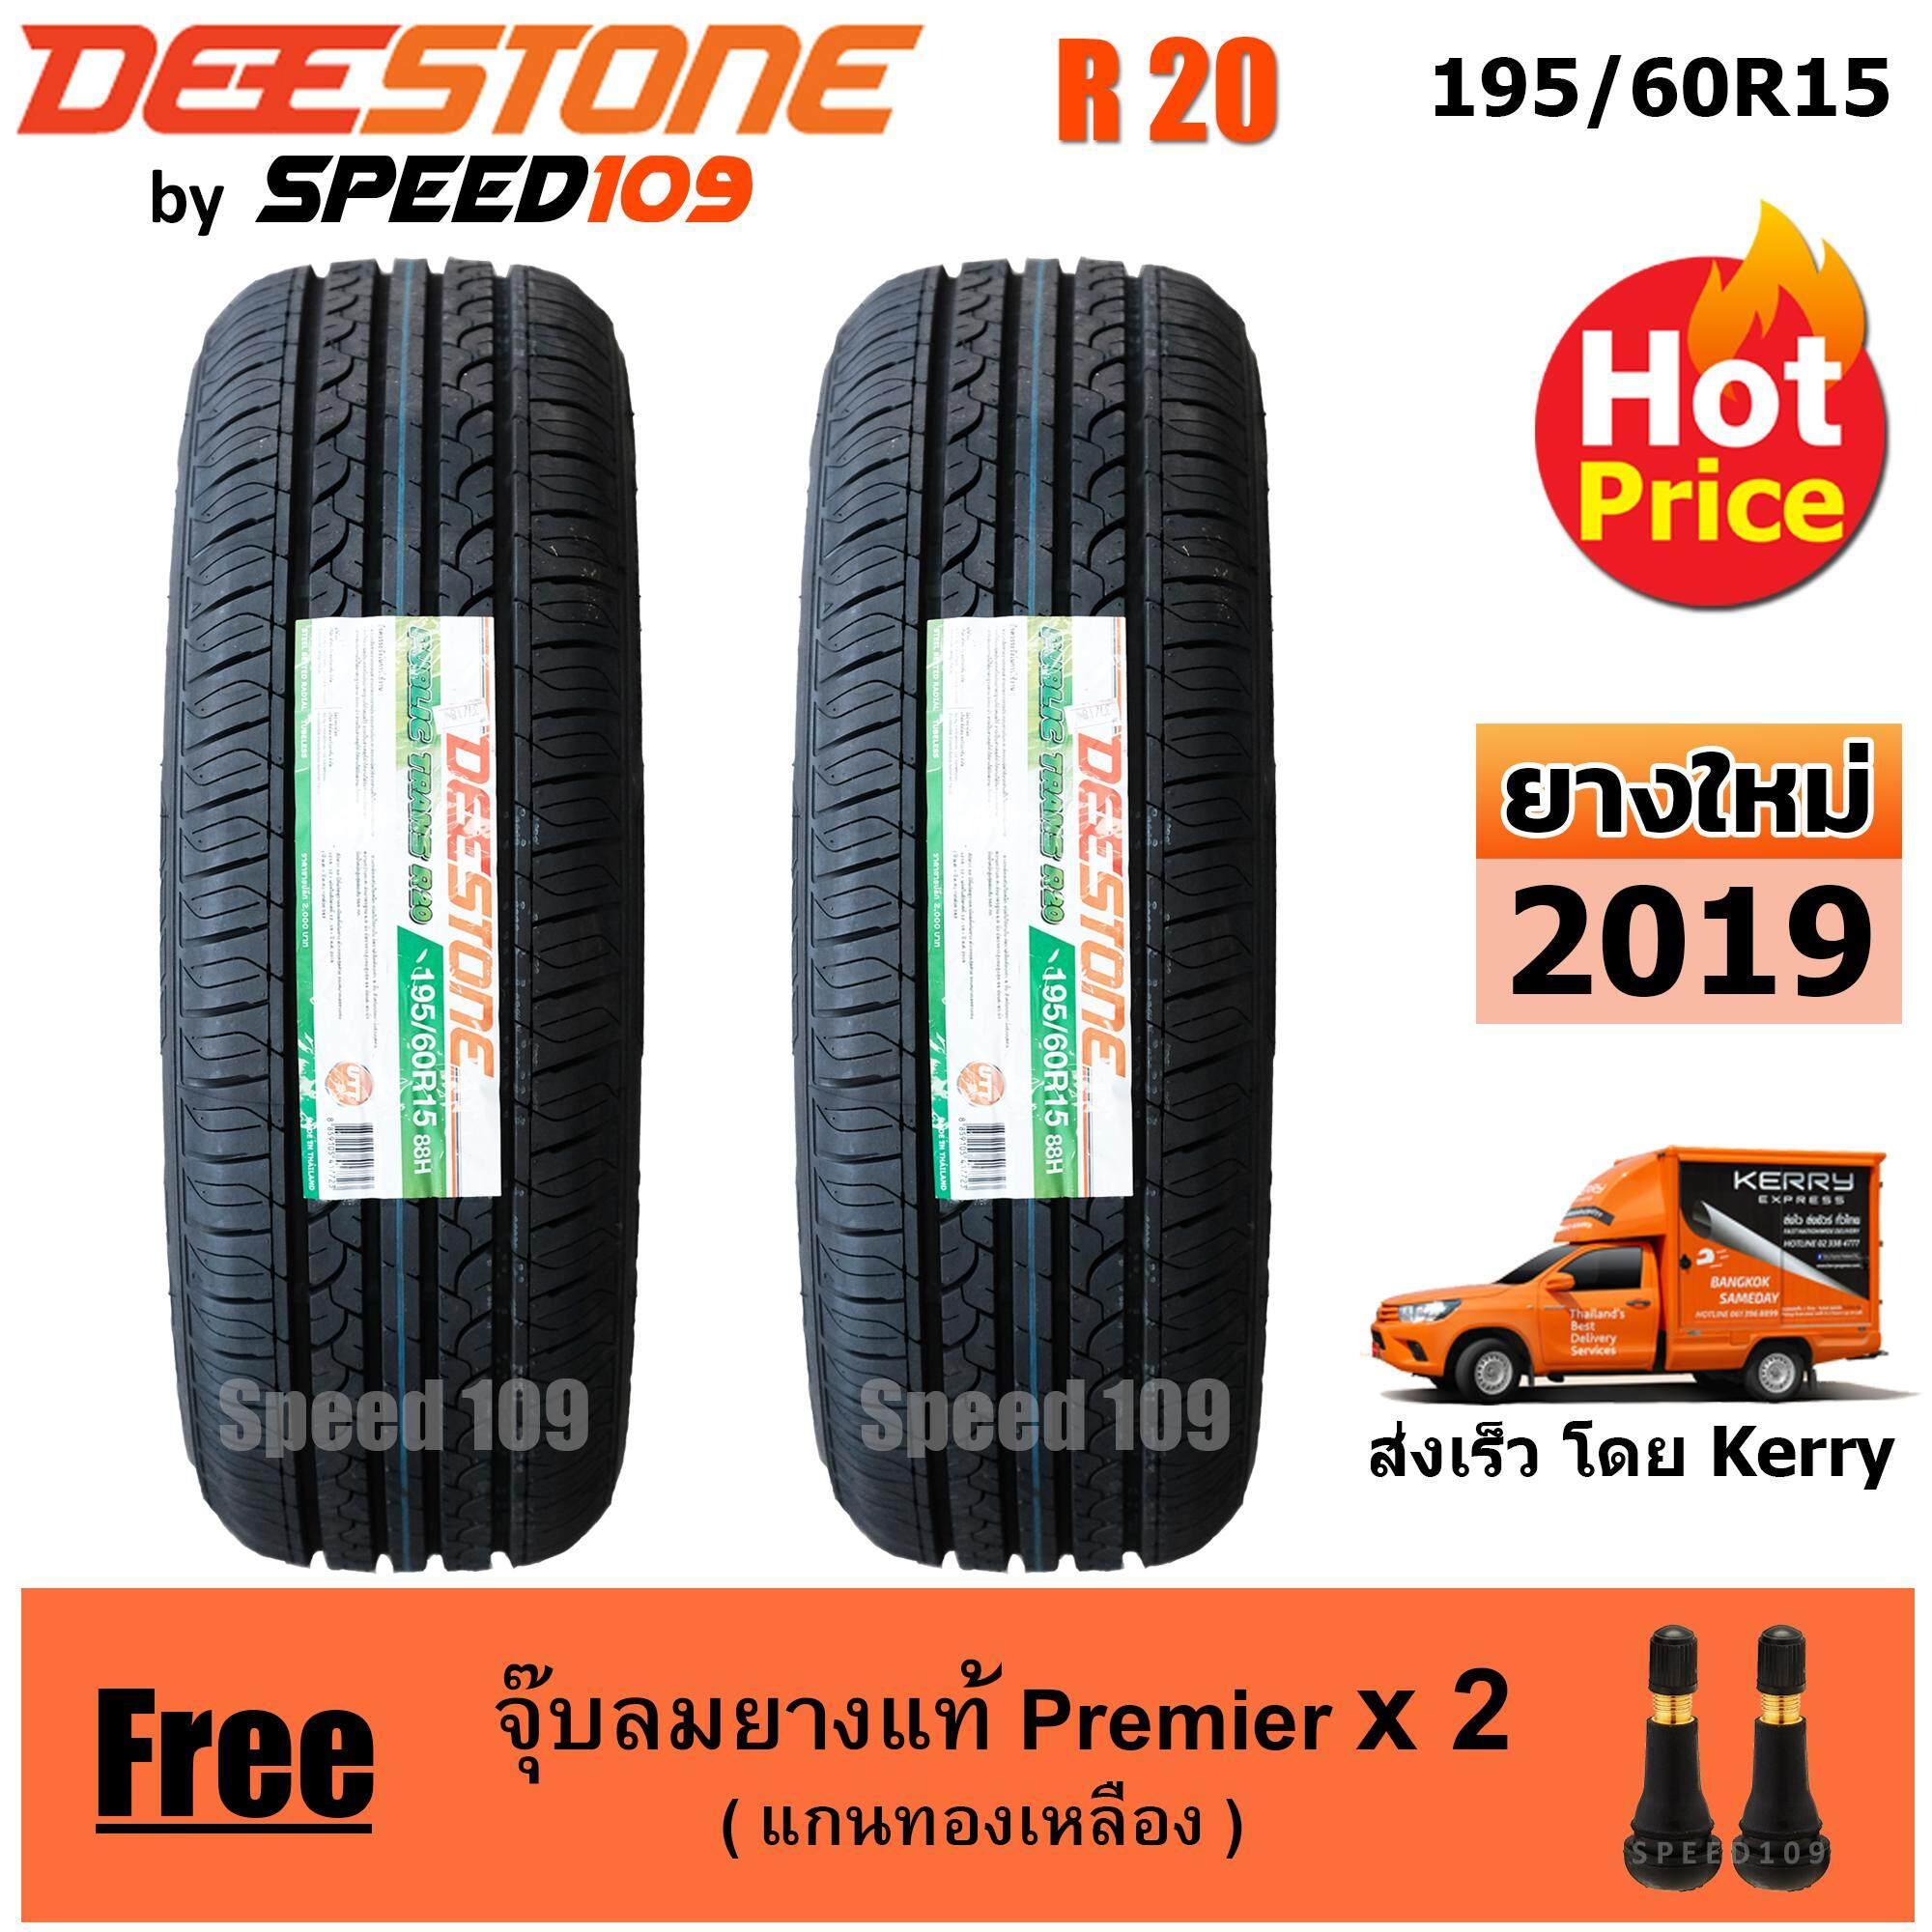 พัทลุง DEESTONE ยางรถยนต์ ขอบ 15 ขนาด 195/60R15 รุ่น R20 รุ่นใหม่ - 2 เส้น (ปี 2019)